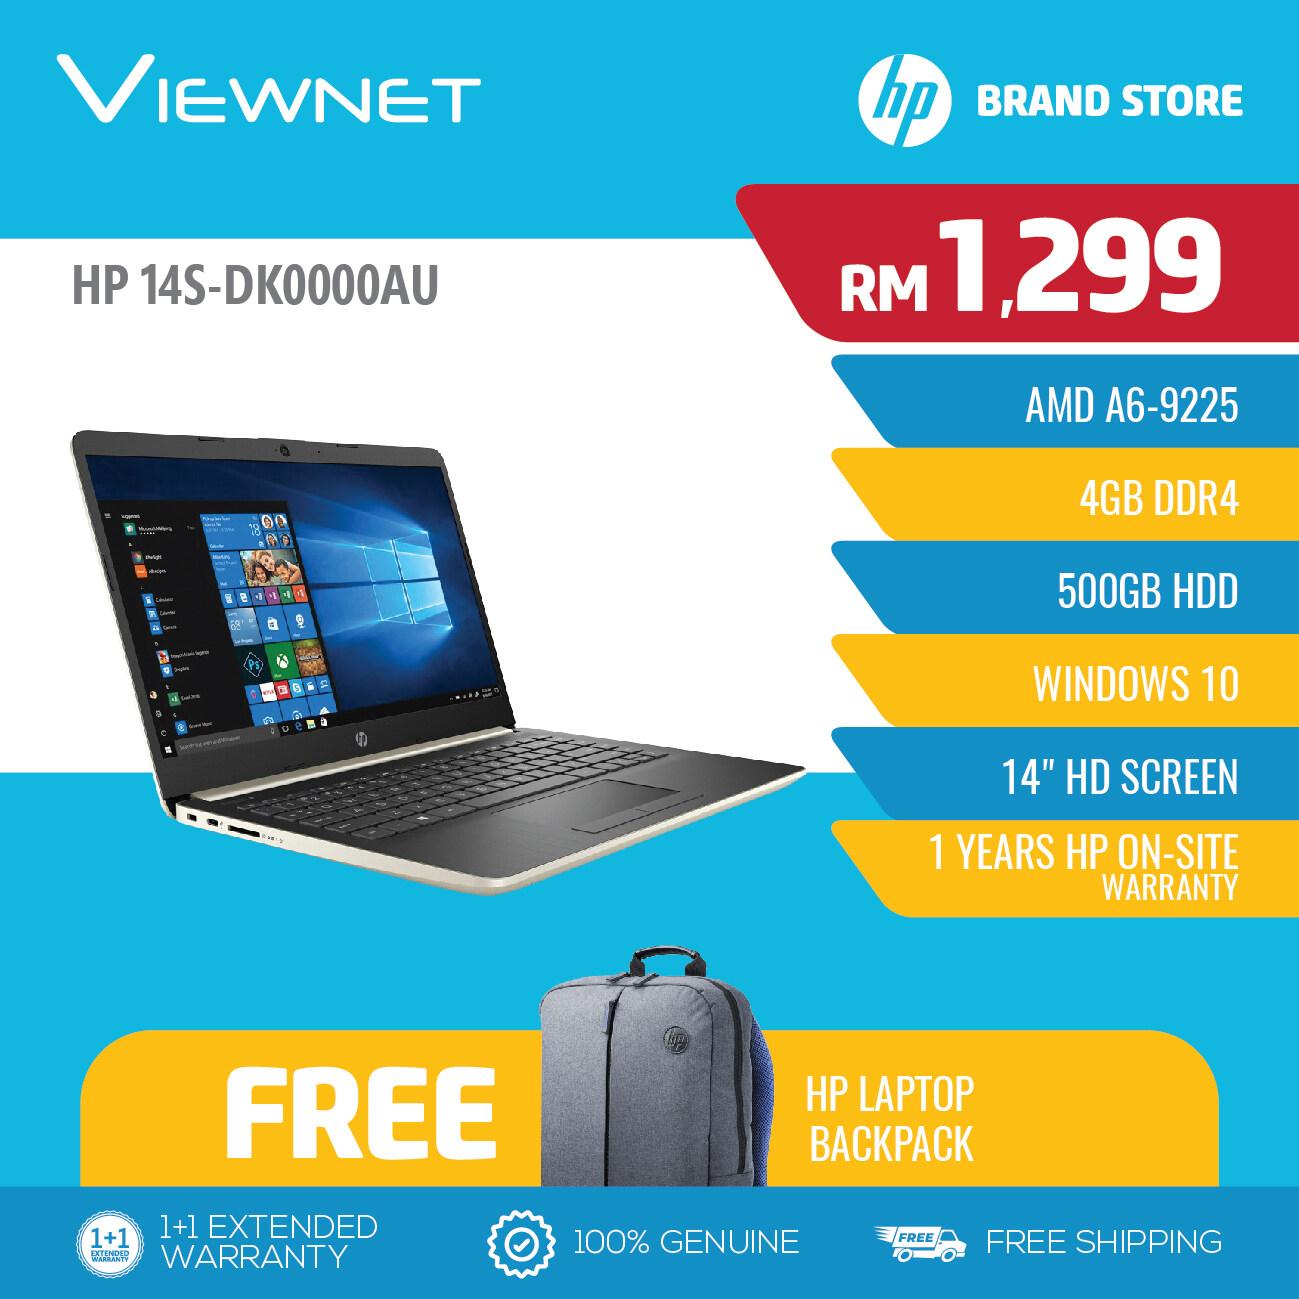 HP 14S-DK0000AU/14S-DK0001AU 14 HD Gold/Silver Laptop (AMD A6-9225/4GB DDR4/500GB/W10) Malaysia